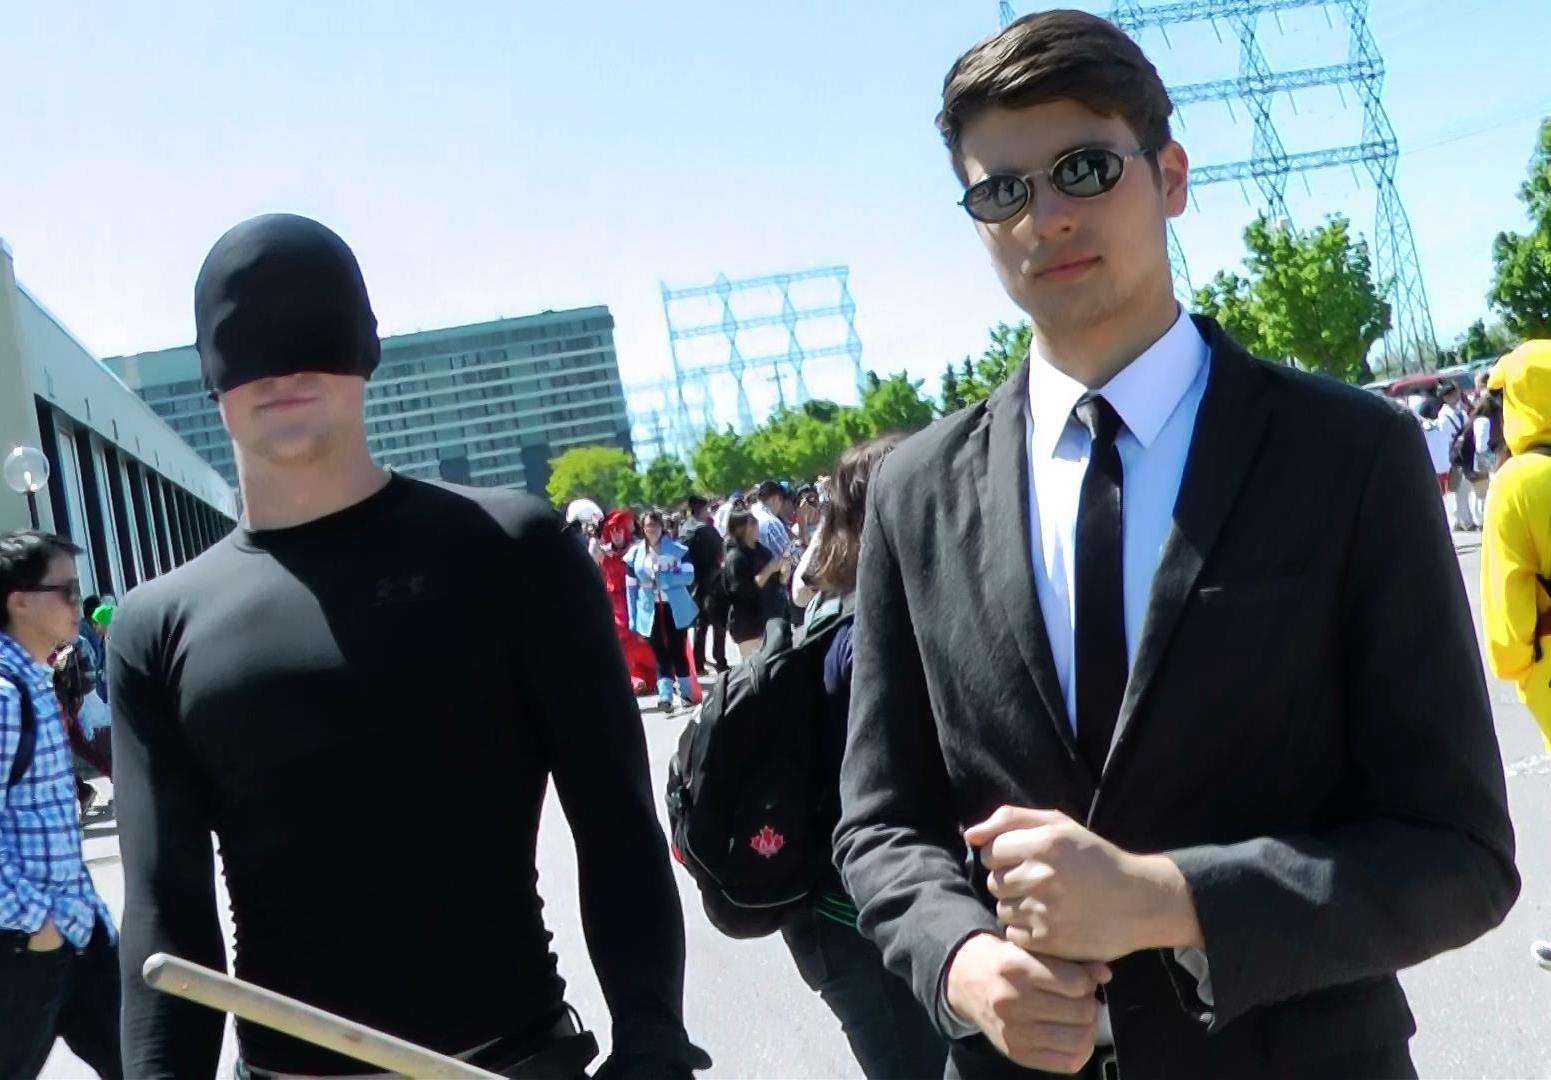 Matt Murdock - Lawyer by day, Daredevil by night